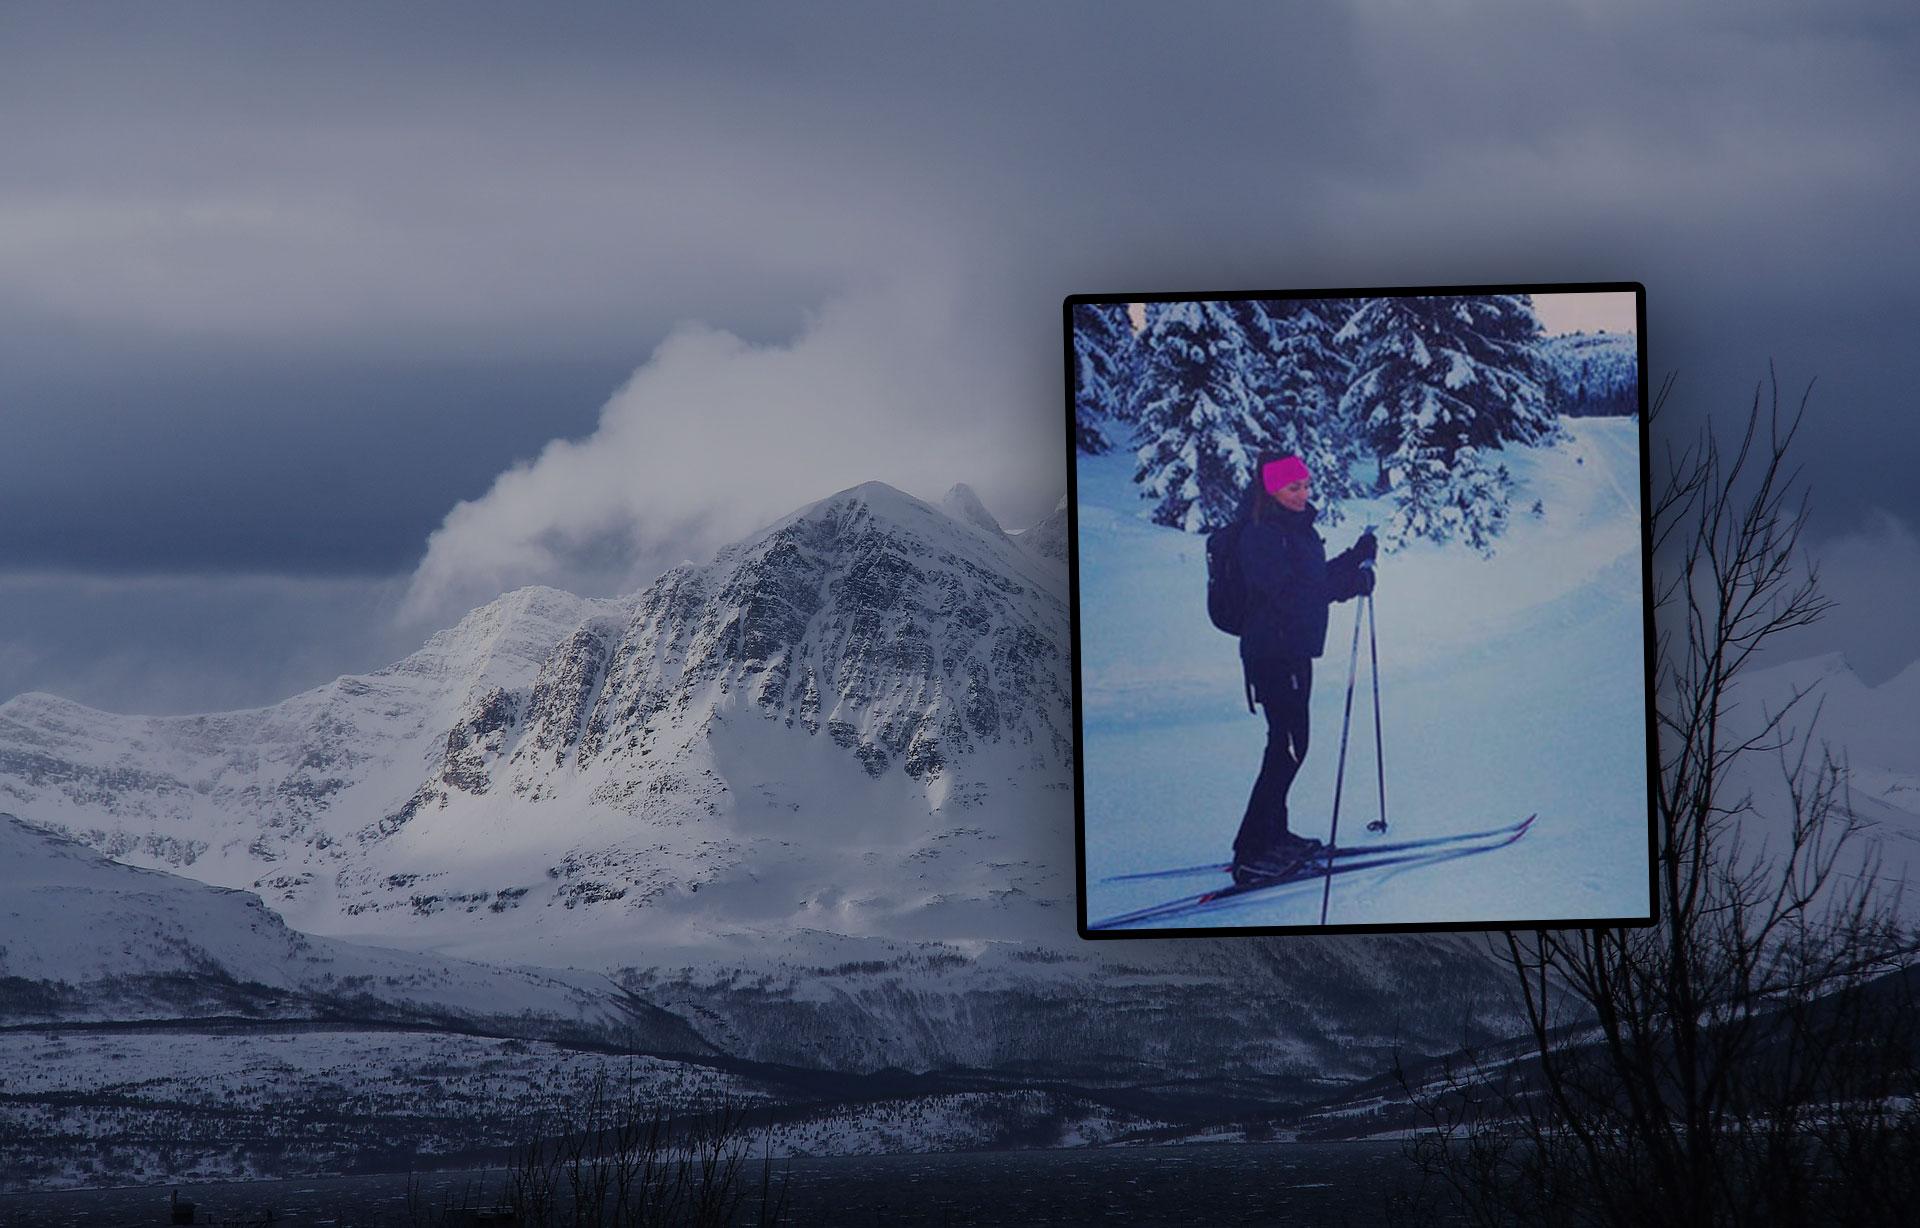 Συνέντευξη με την Στέφανι Έρικα Παπαδάκη, Νορβηγία